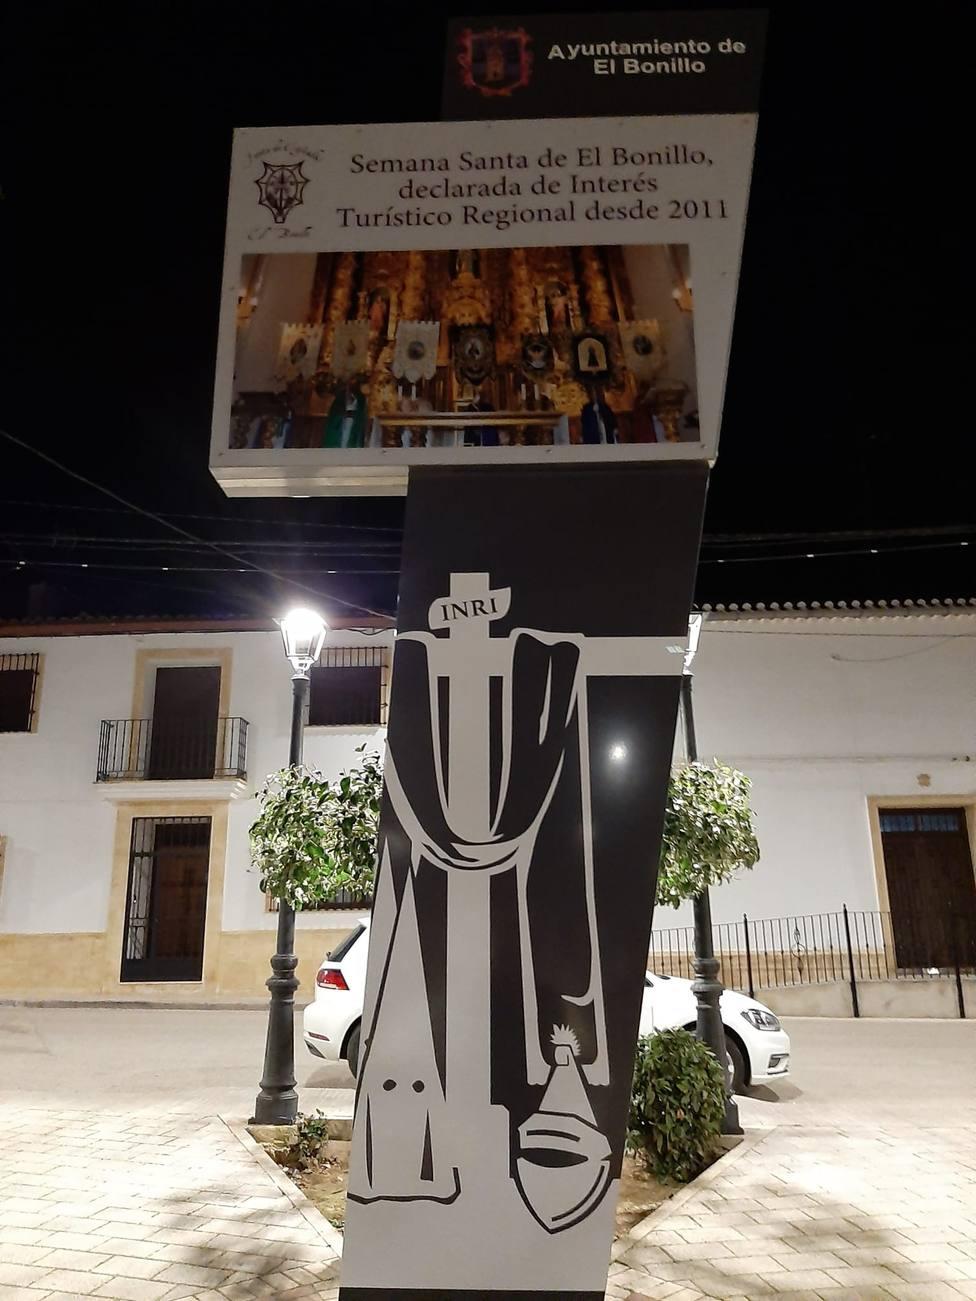 El Bonillo rinde homenaje a su Semana Santa